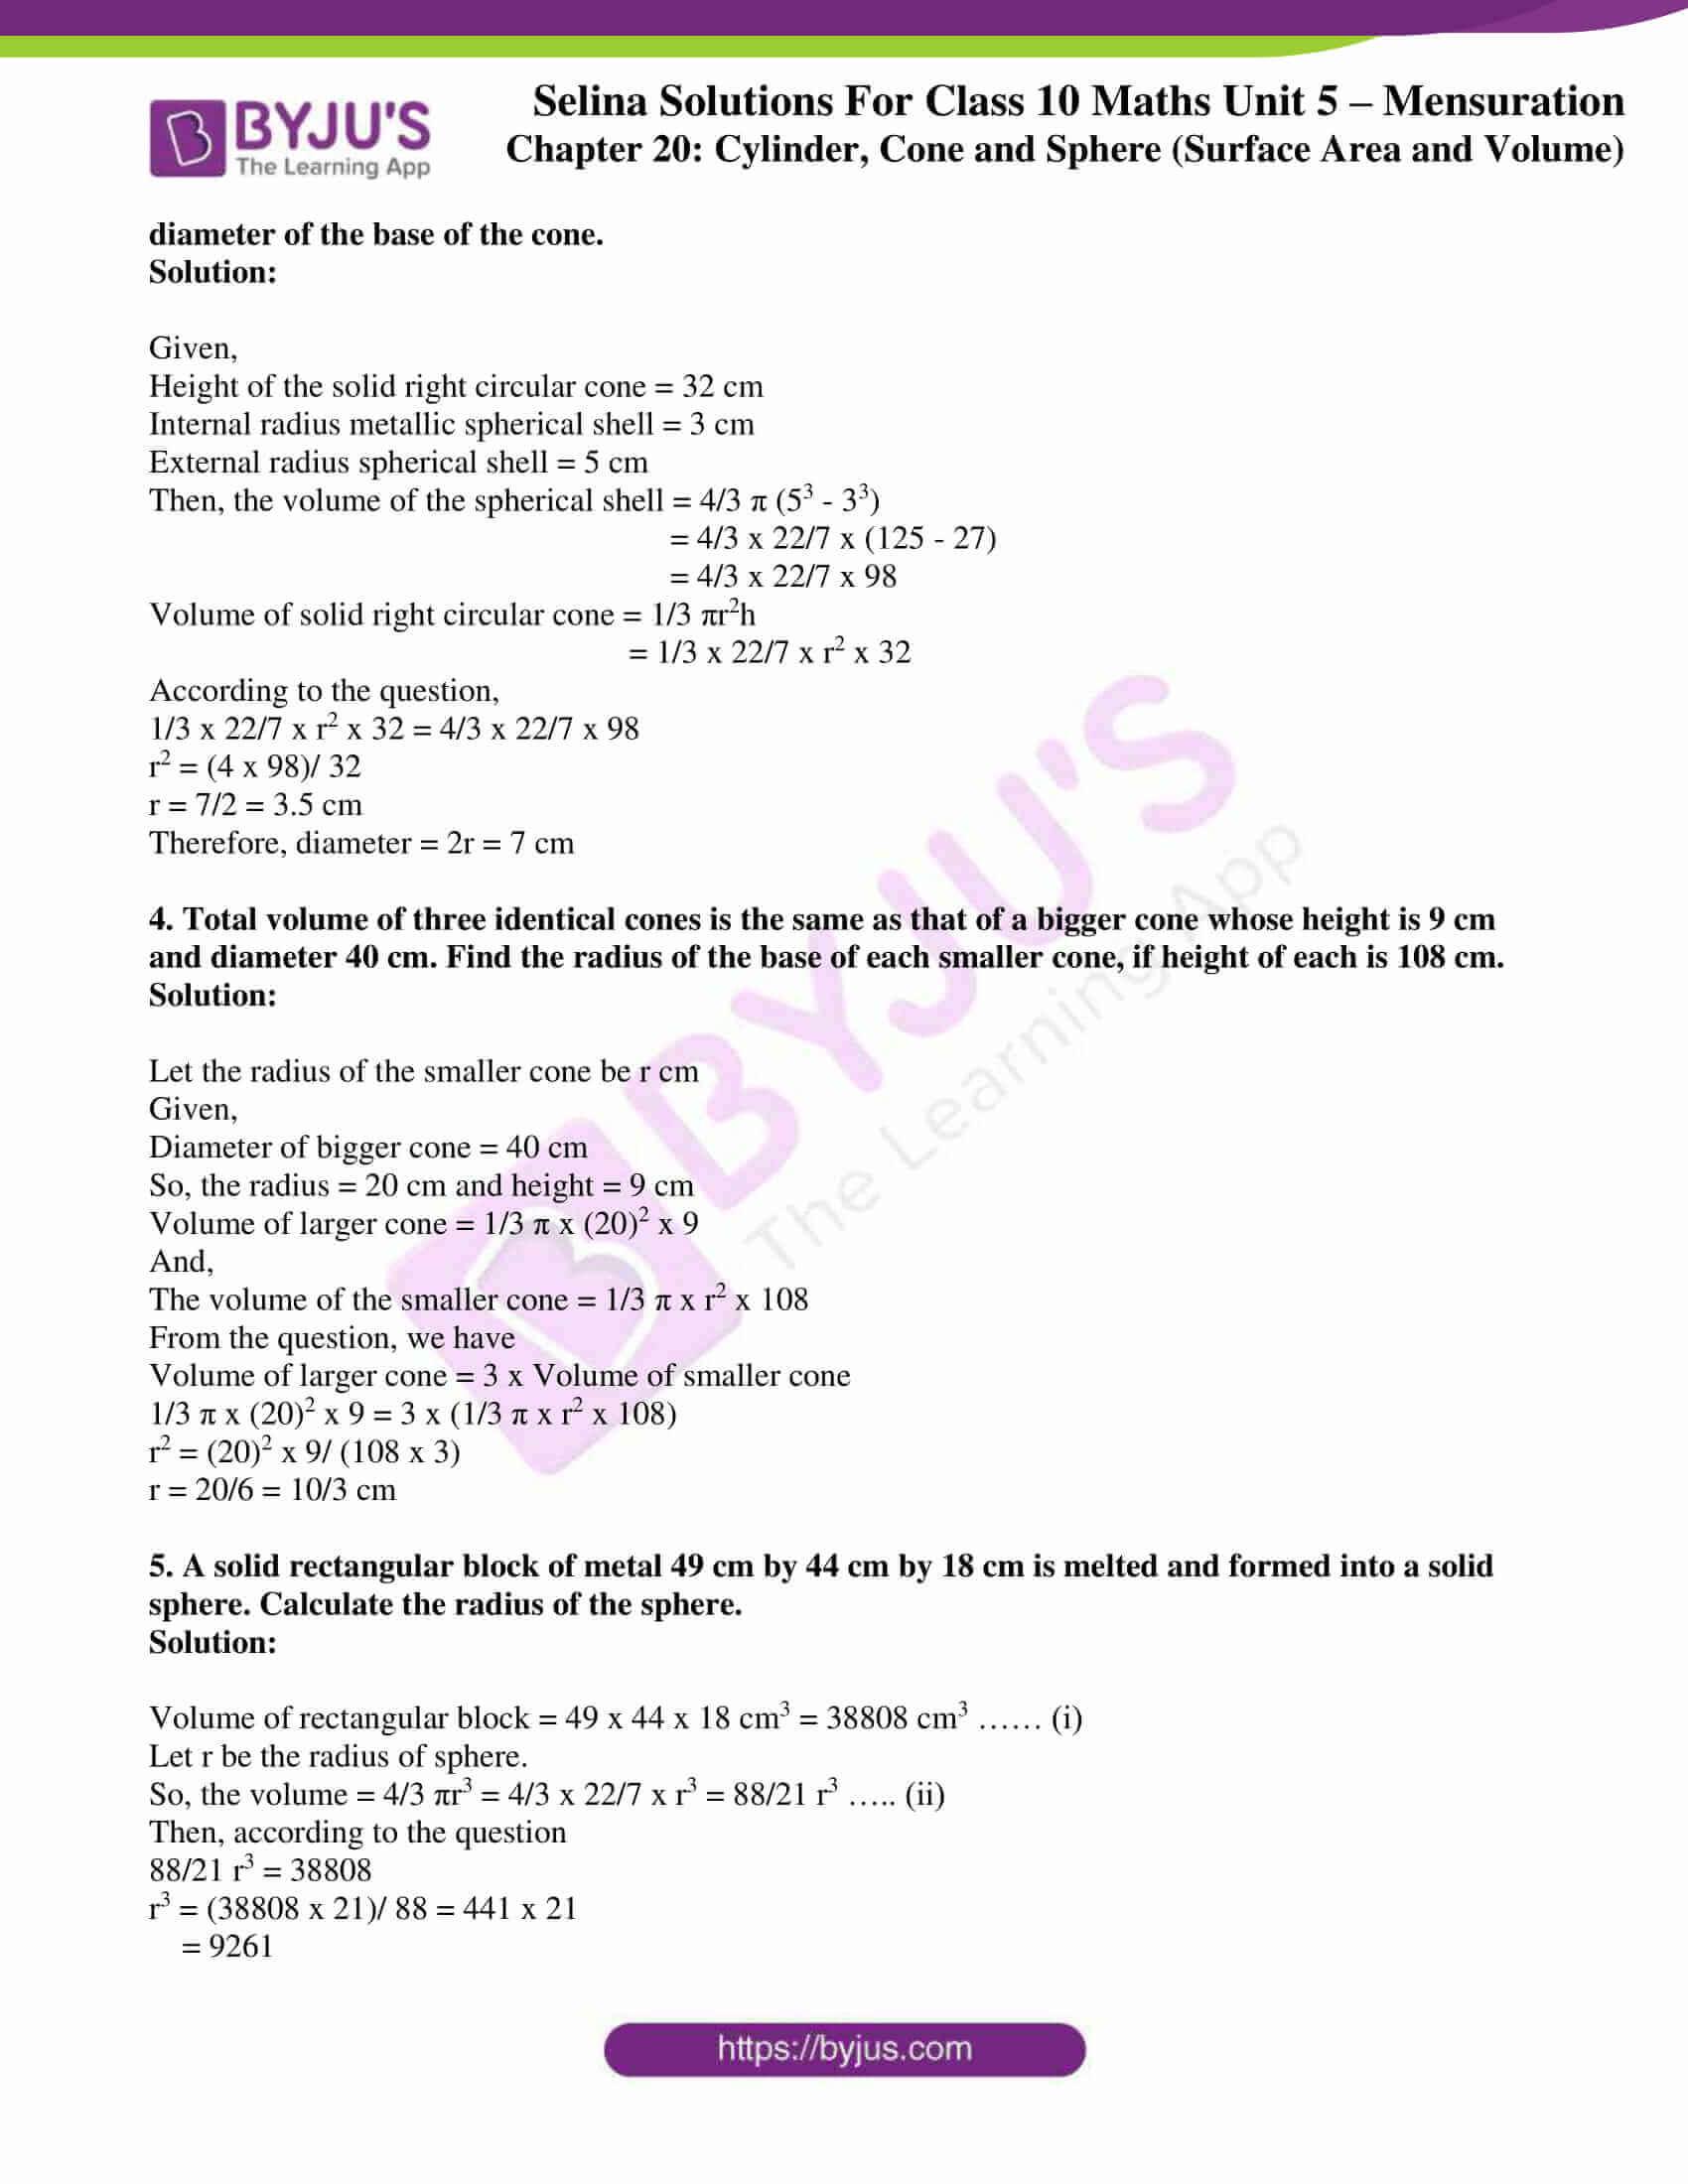 selina-sol-maths-class-10-ch-20-ex-d-2